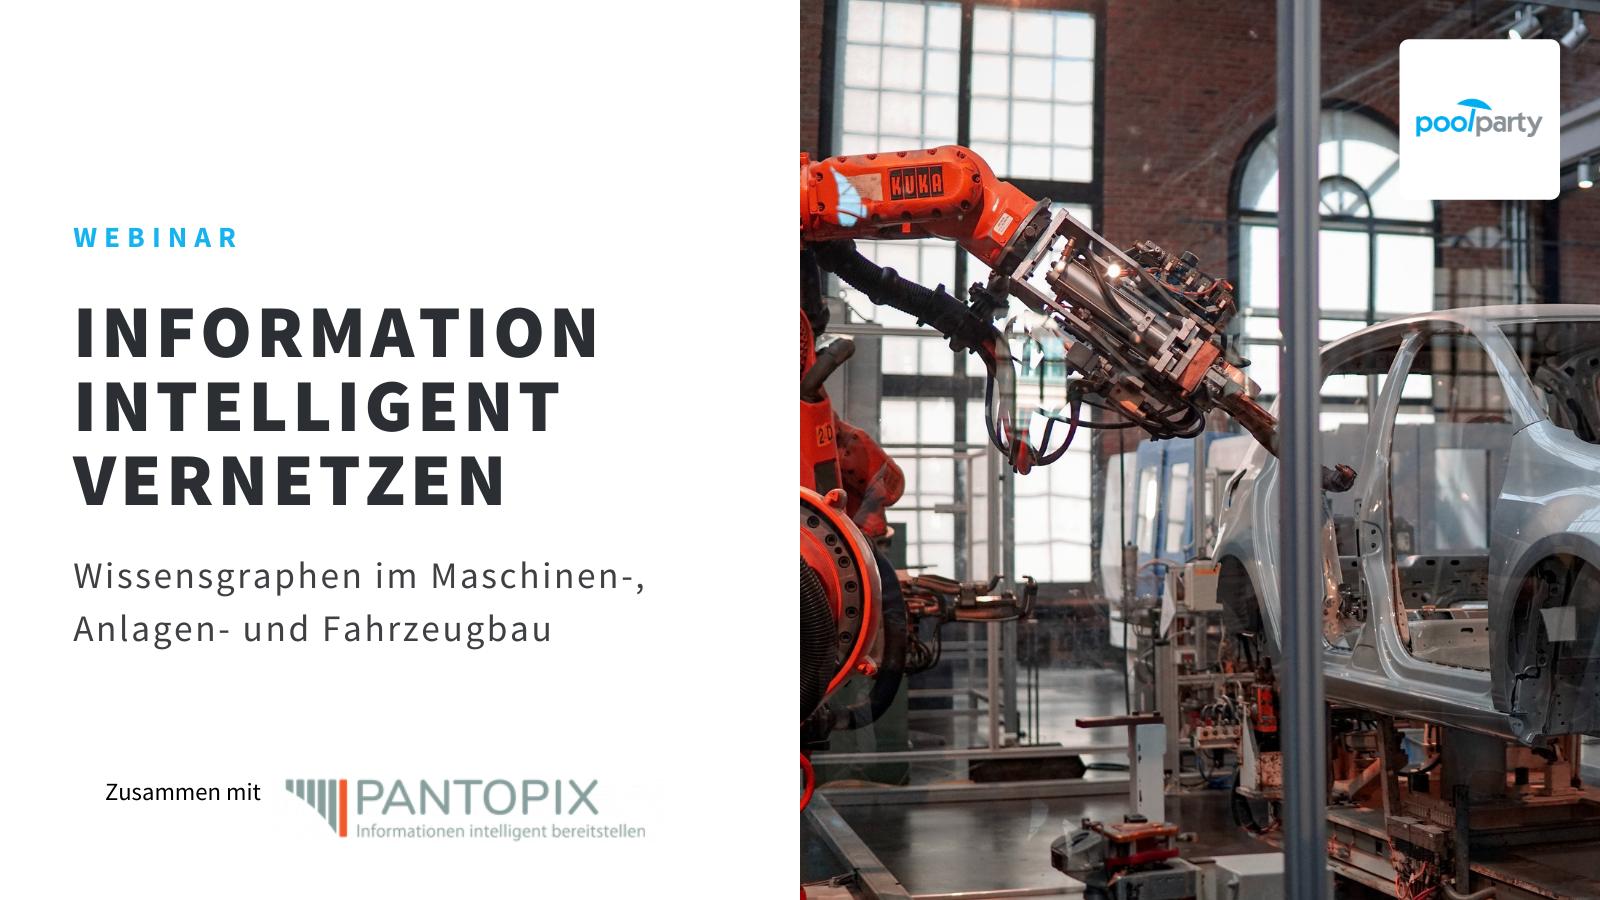 Webinar_ Information intelligent vernetzen - Wissensgraphen im Maschinen-, Anlagen- und Fahrzeugbau